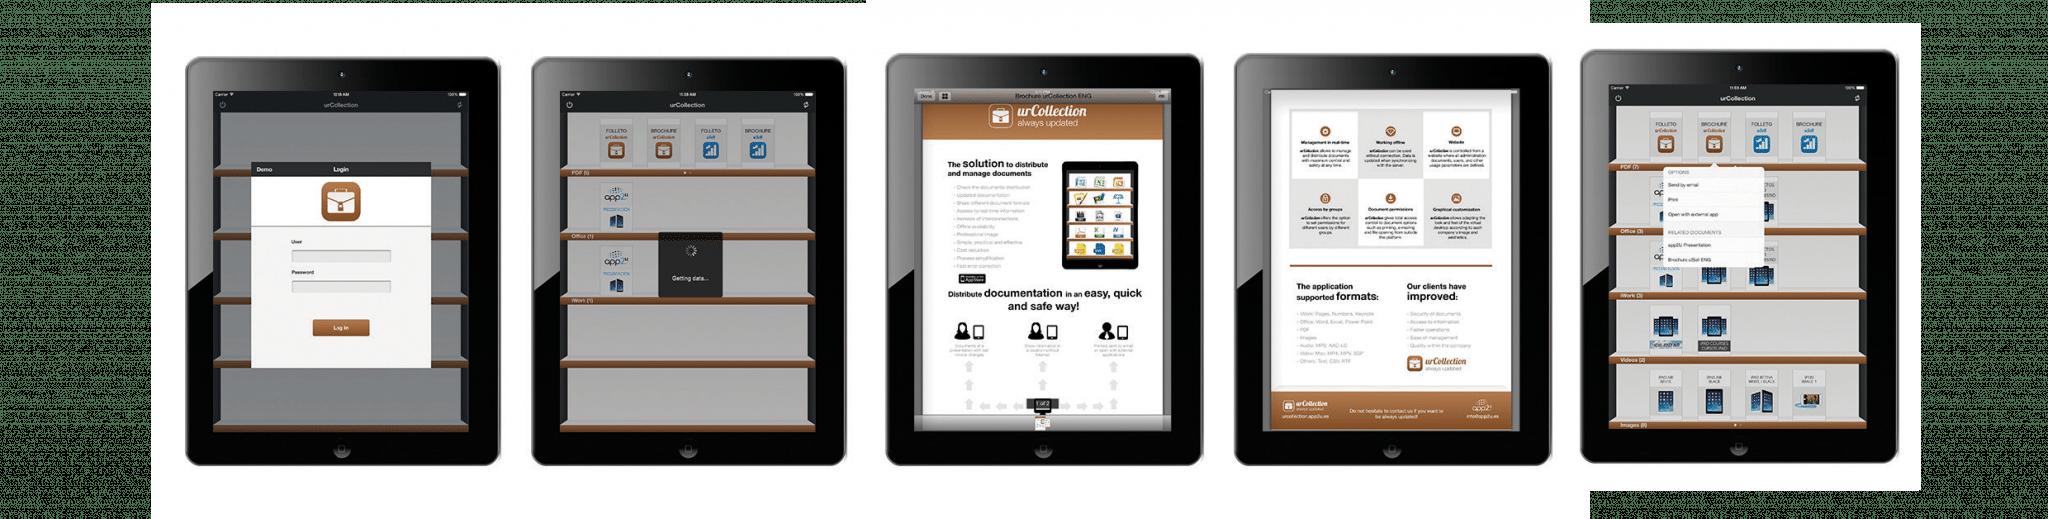 Las Apps para gestionar documentos correctamente en el departamento comercial permiten potenciar la empresa y vender más incrementando el beneficio de las empresas